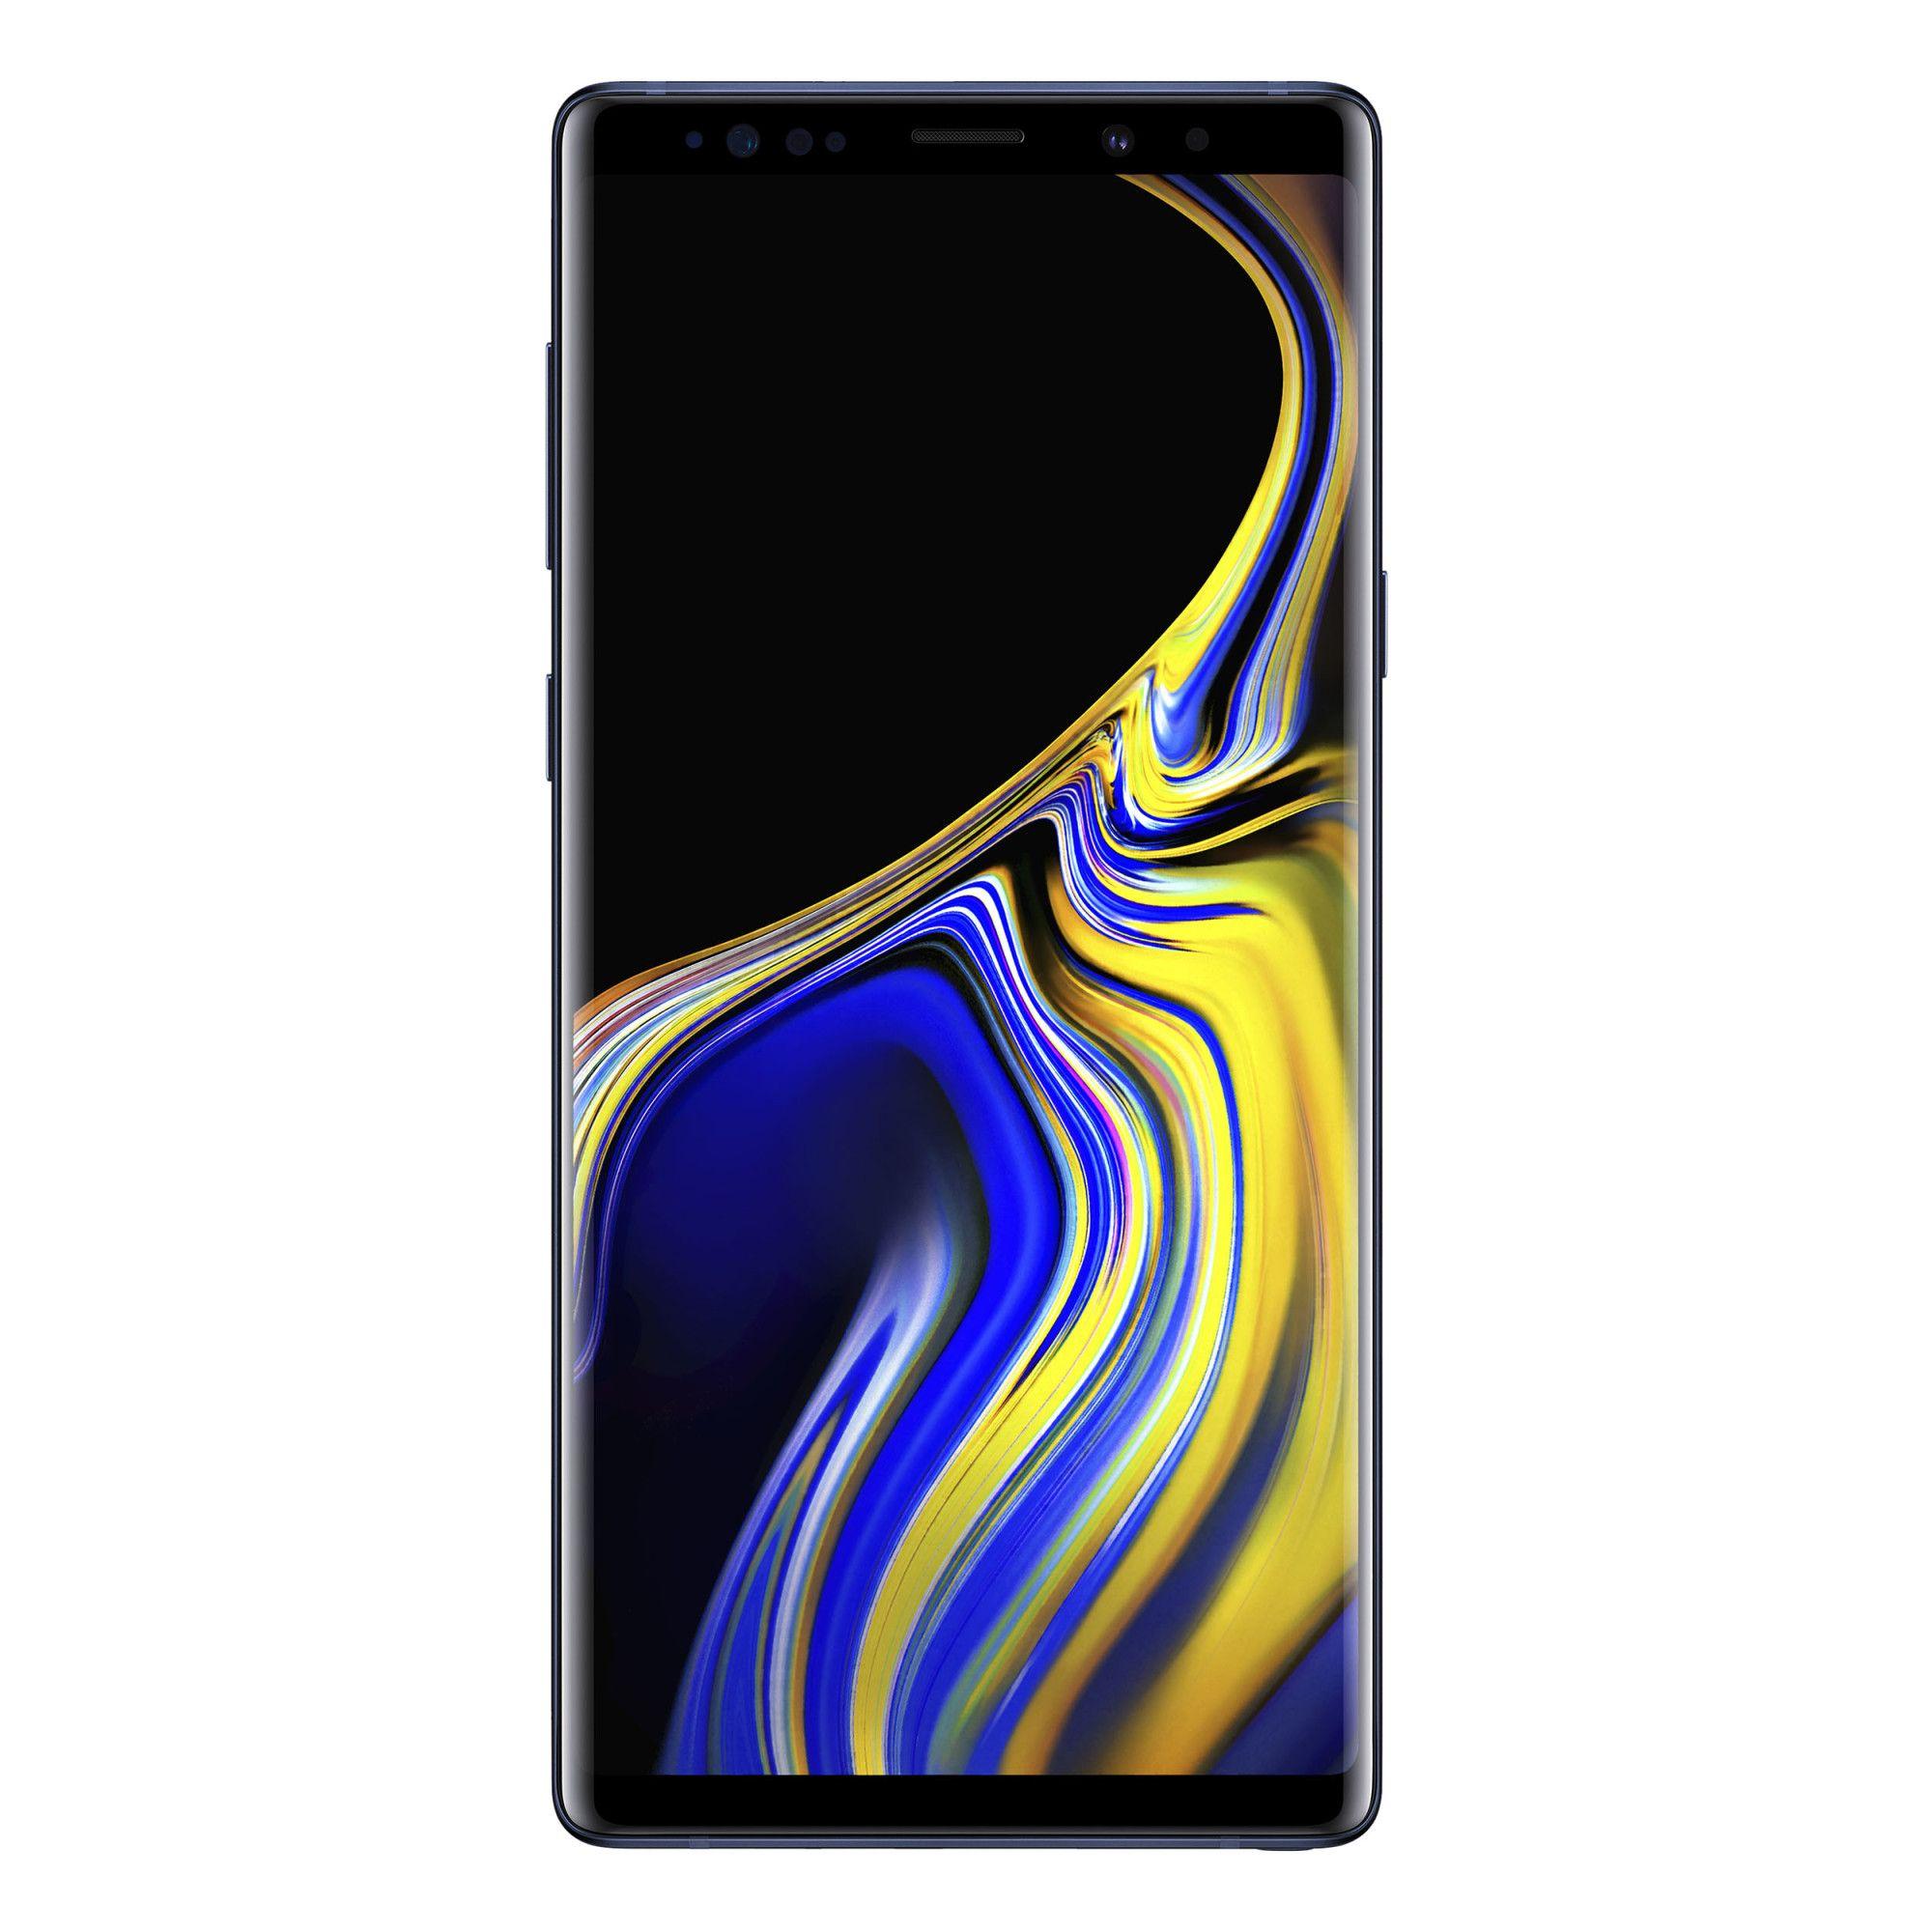 Telefon Mobil Samsung Galaxy Note 9 N960 128GB Flash 6GB RAM Dual SIM 4G Ocean Blue